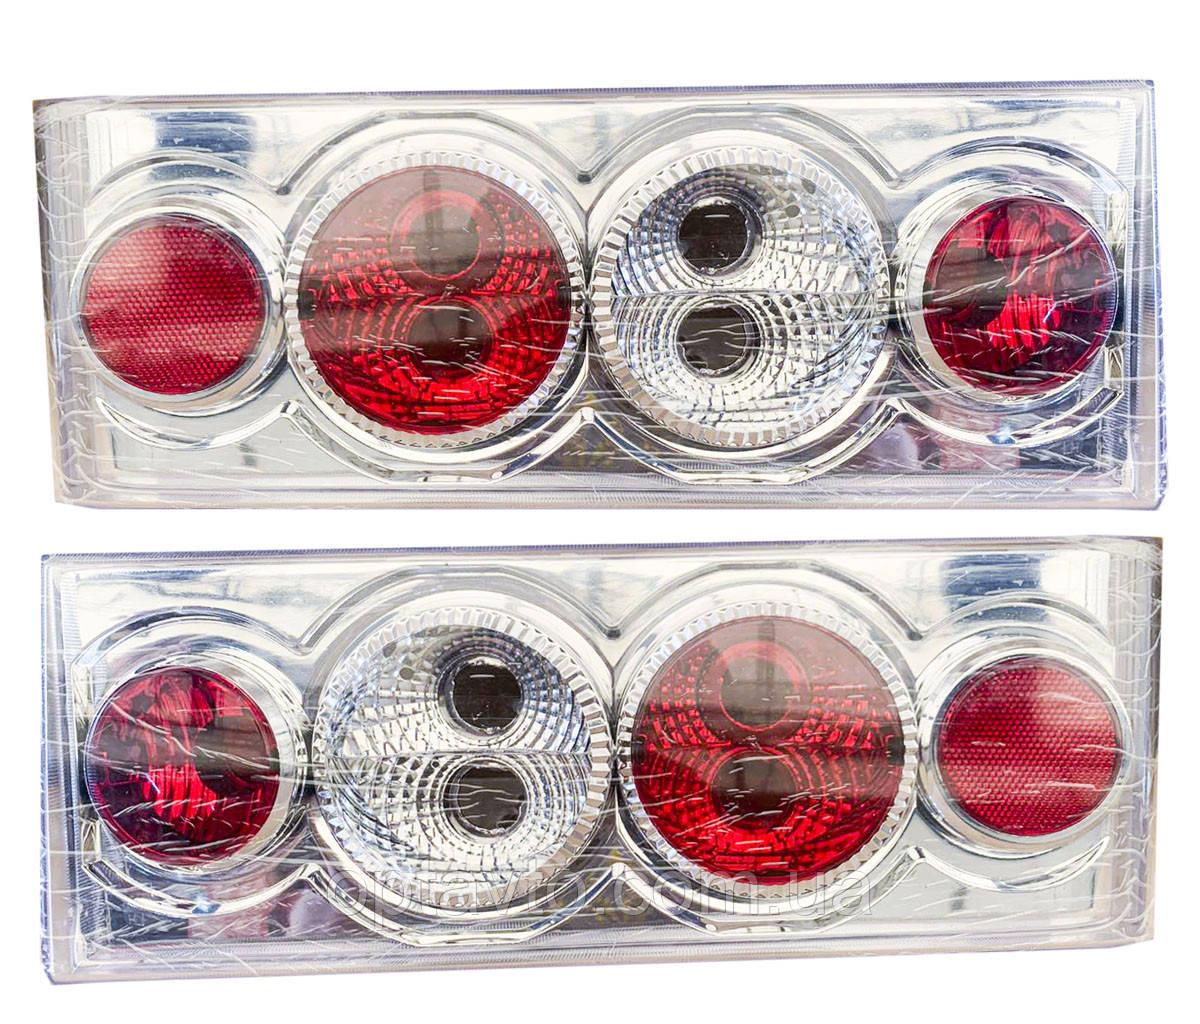 Задние фонари на ВАЗ 2108 - 2109 - 21099 Четыре круга Хромированные светлые! стопы на ваз Цена за комплект!